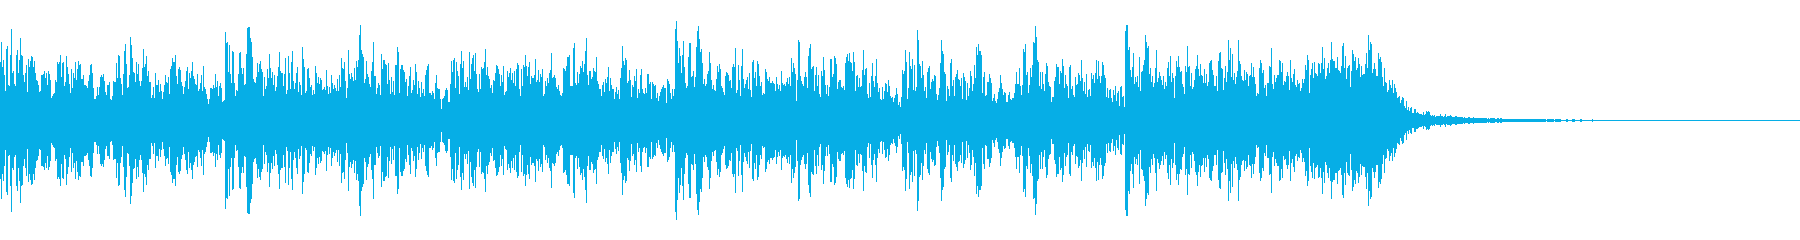 リズミカルなヘビーメタルの再生済みの波形